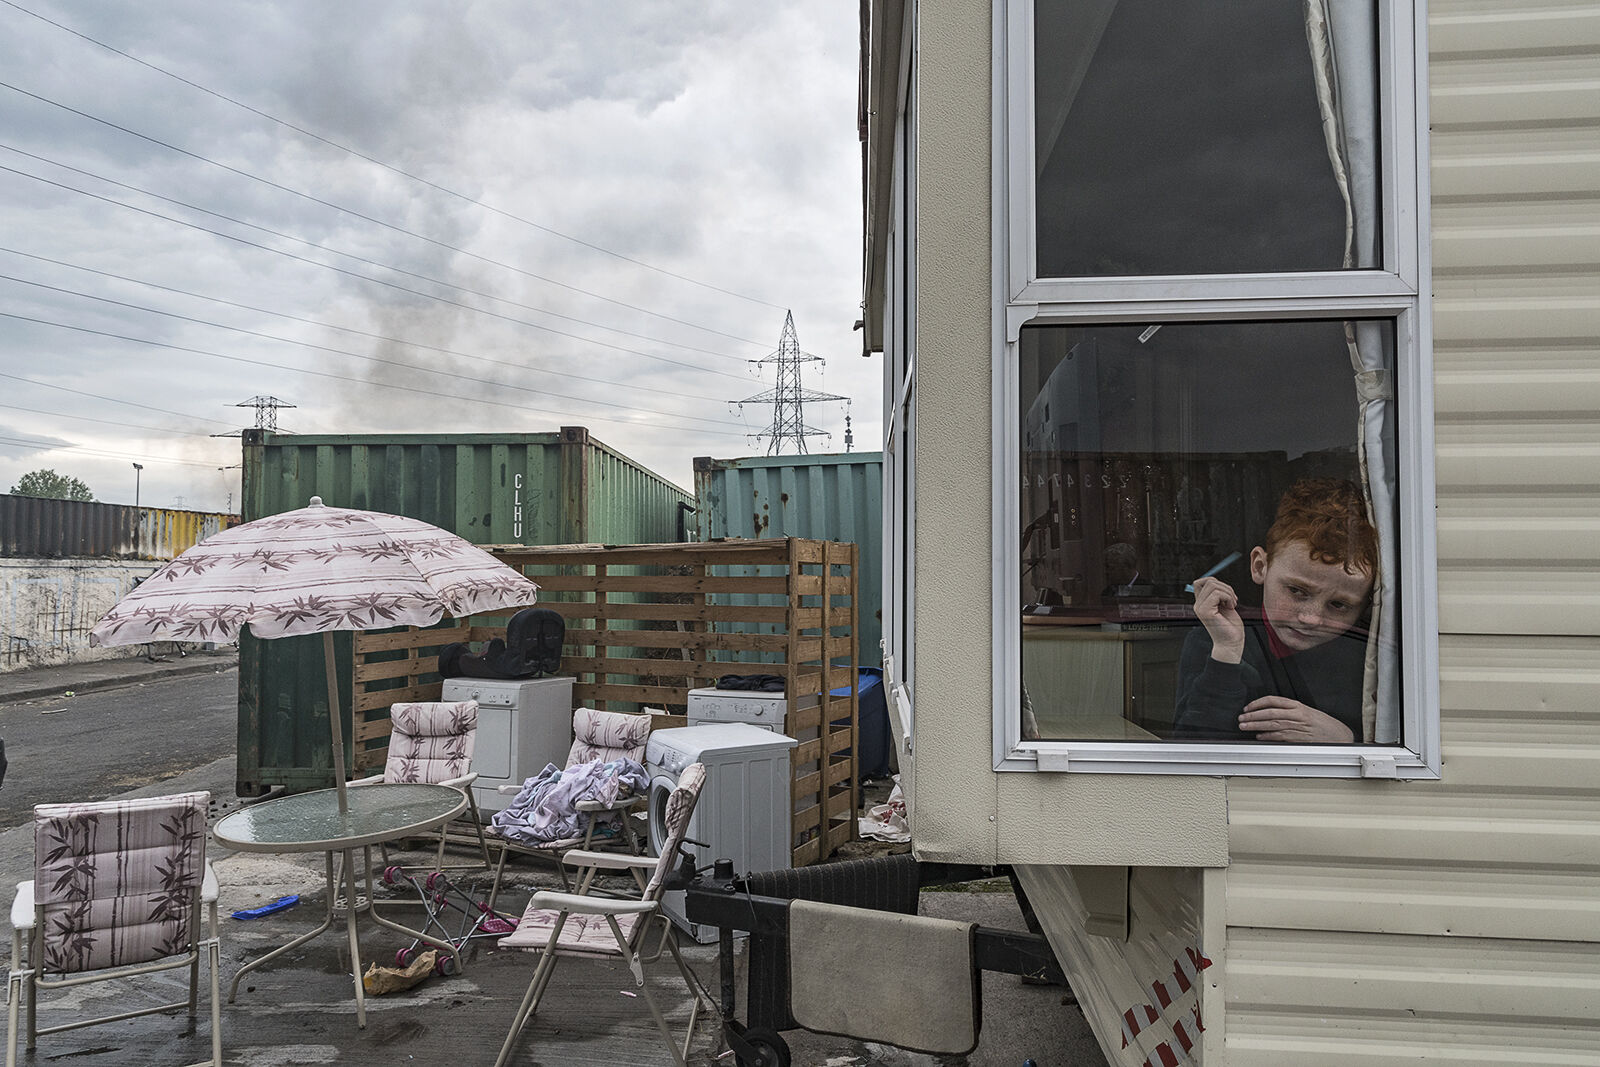 Boy in Window, Dublin, Ireland 2019